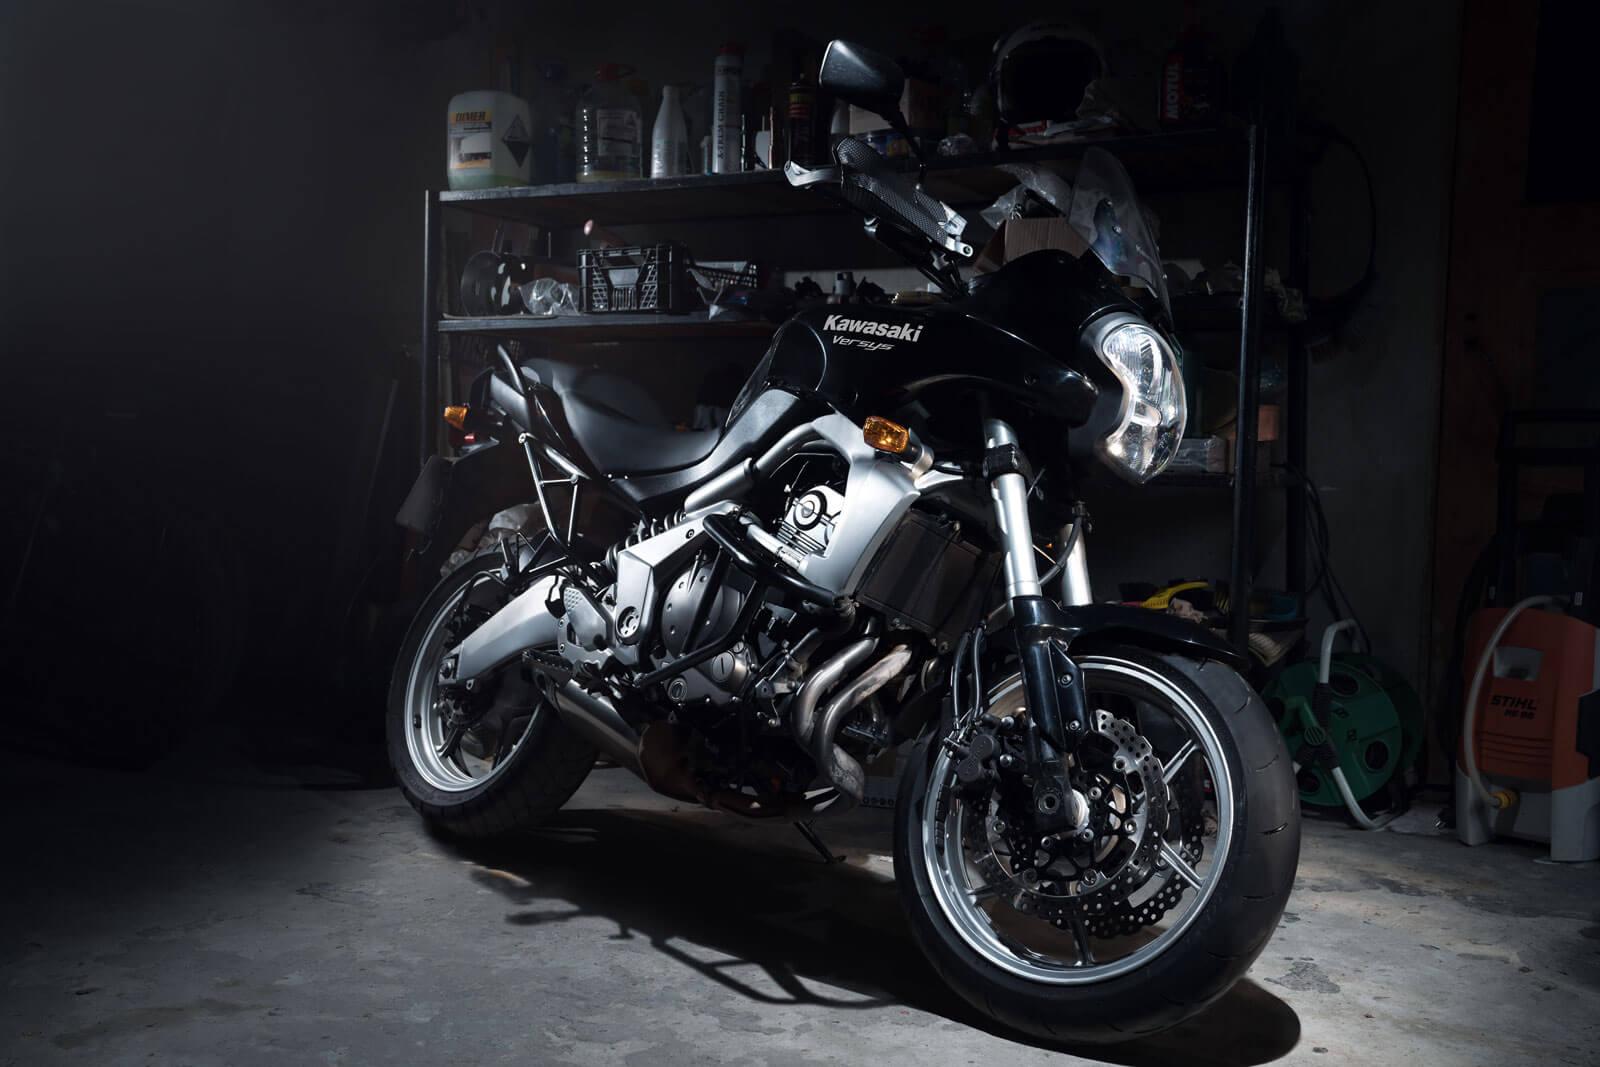 Kawasaki in garage shoot